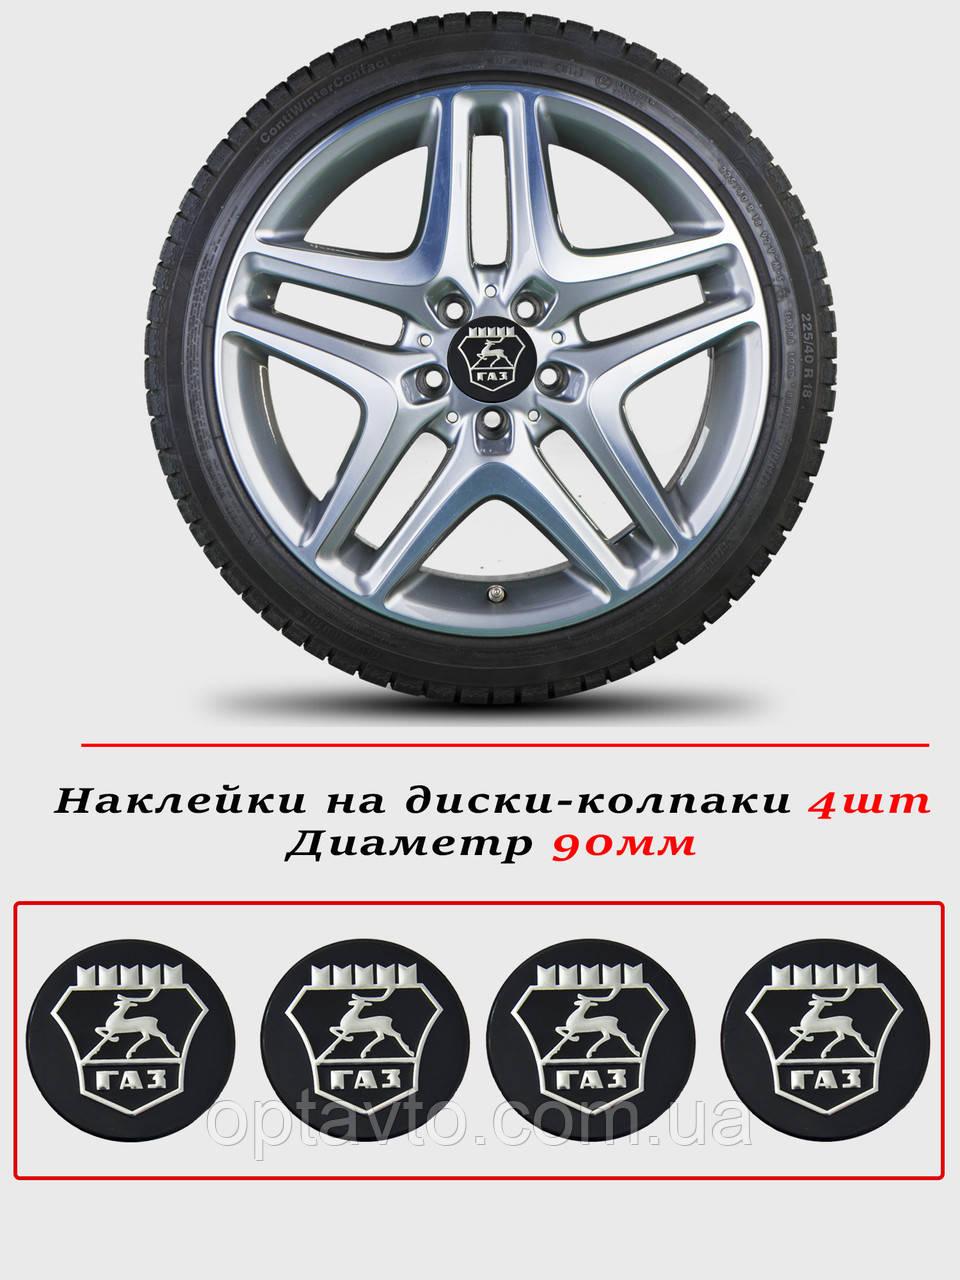 Наклейки на автомобильные колпаки и диски / комплект / диаметр 90 мм / ГАЗ